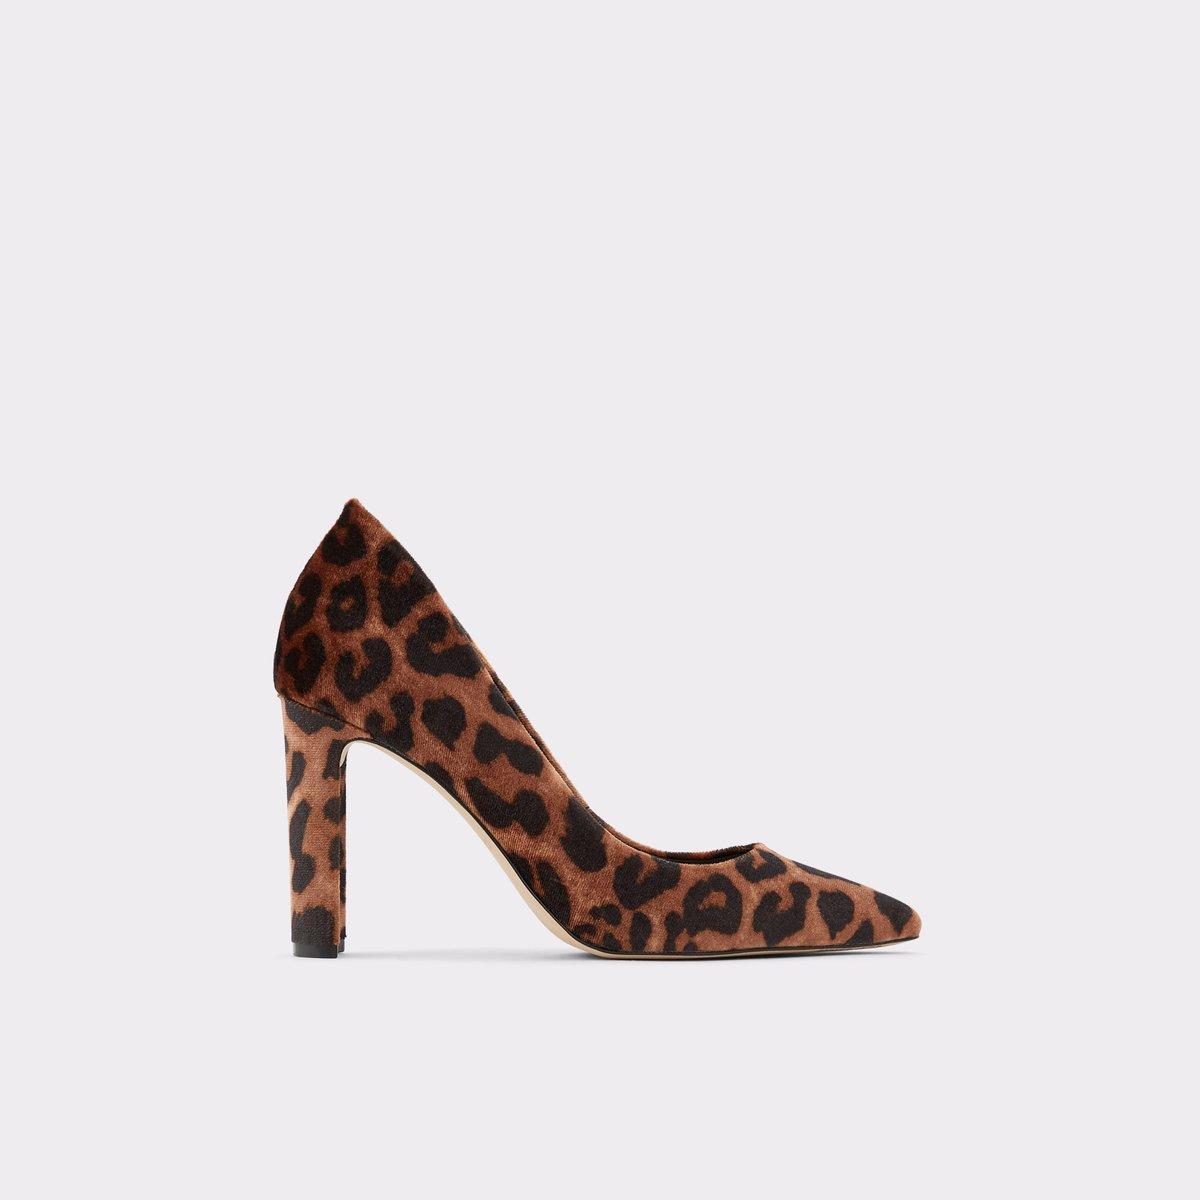 aldo leopard pumps